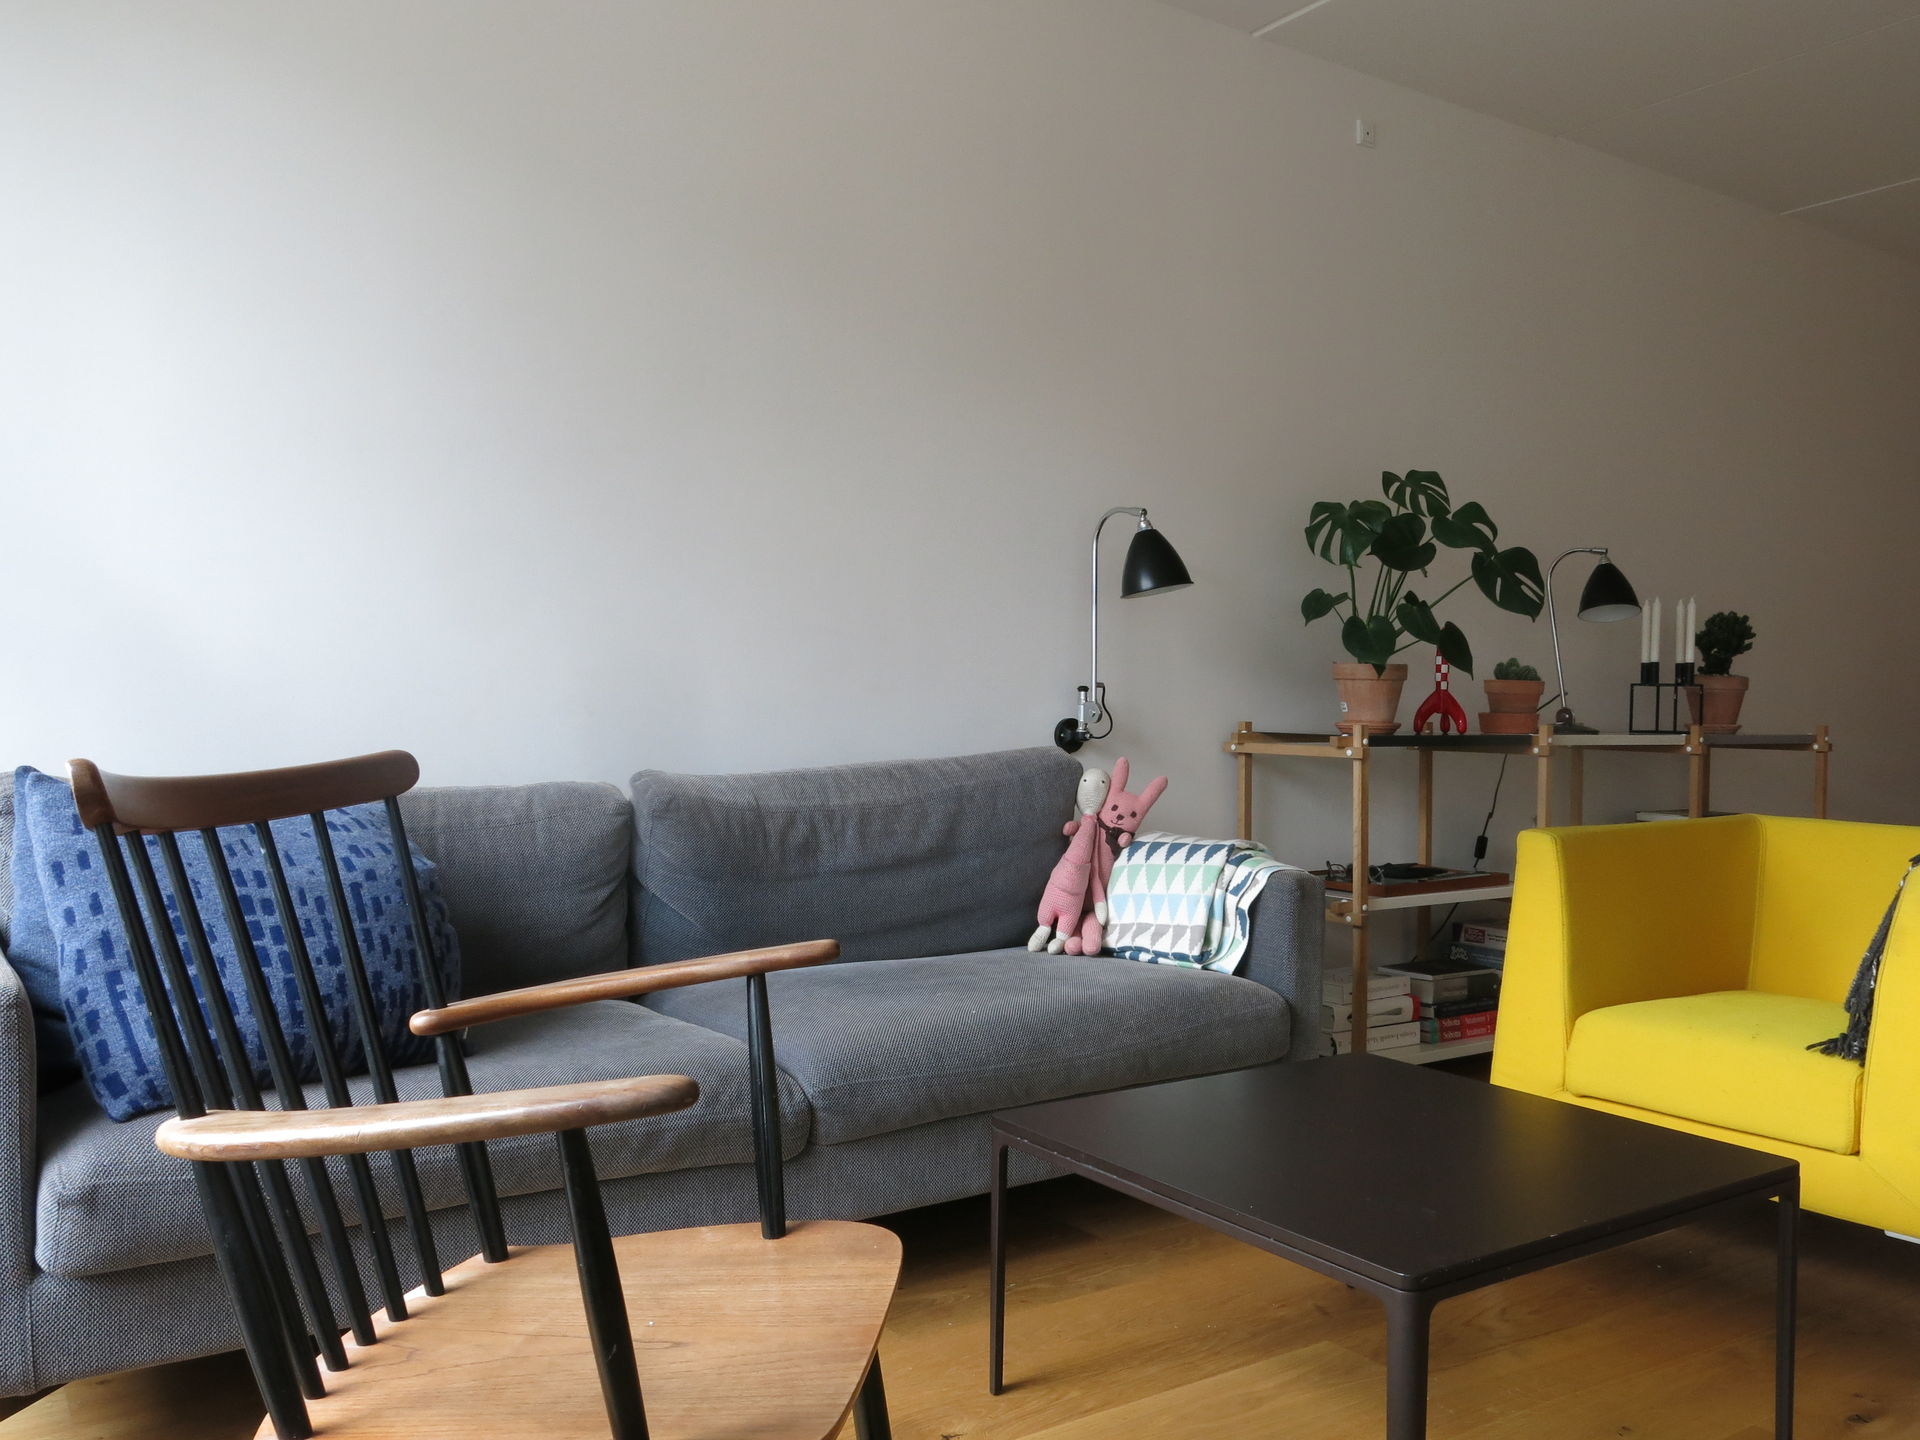 Kopenhagen Wohnung nordhavn 3 bedrooms wohnung in kopenhagen